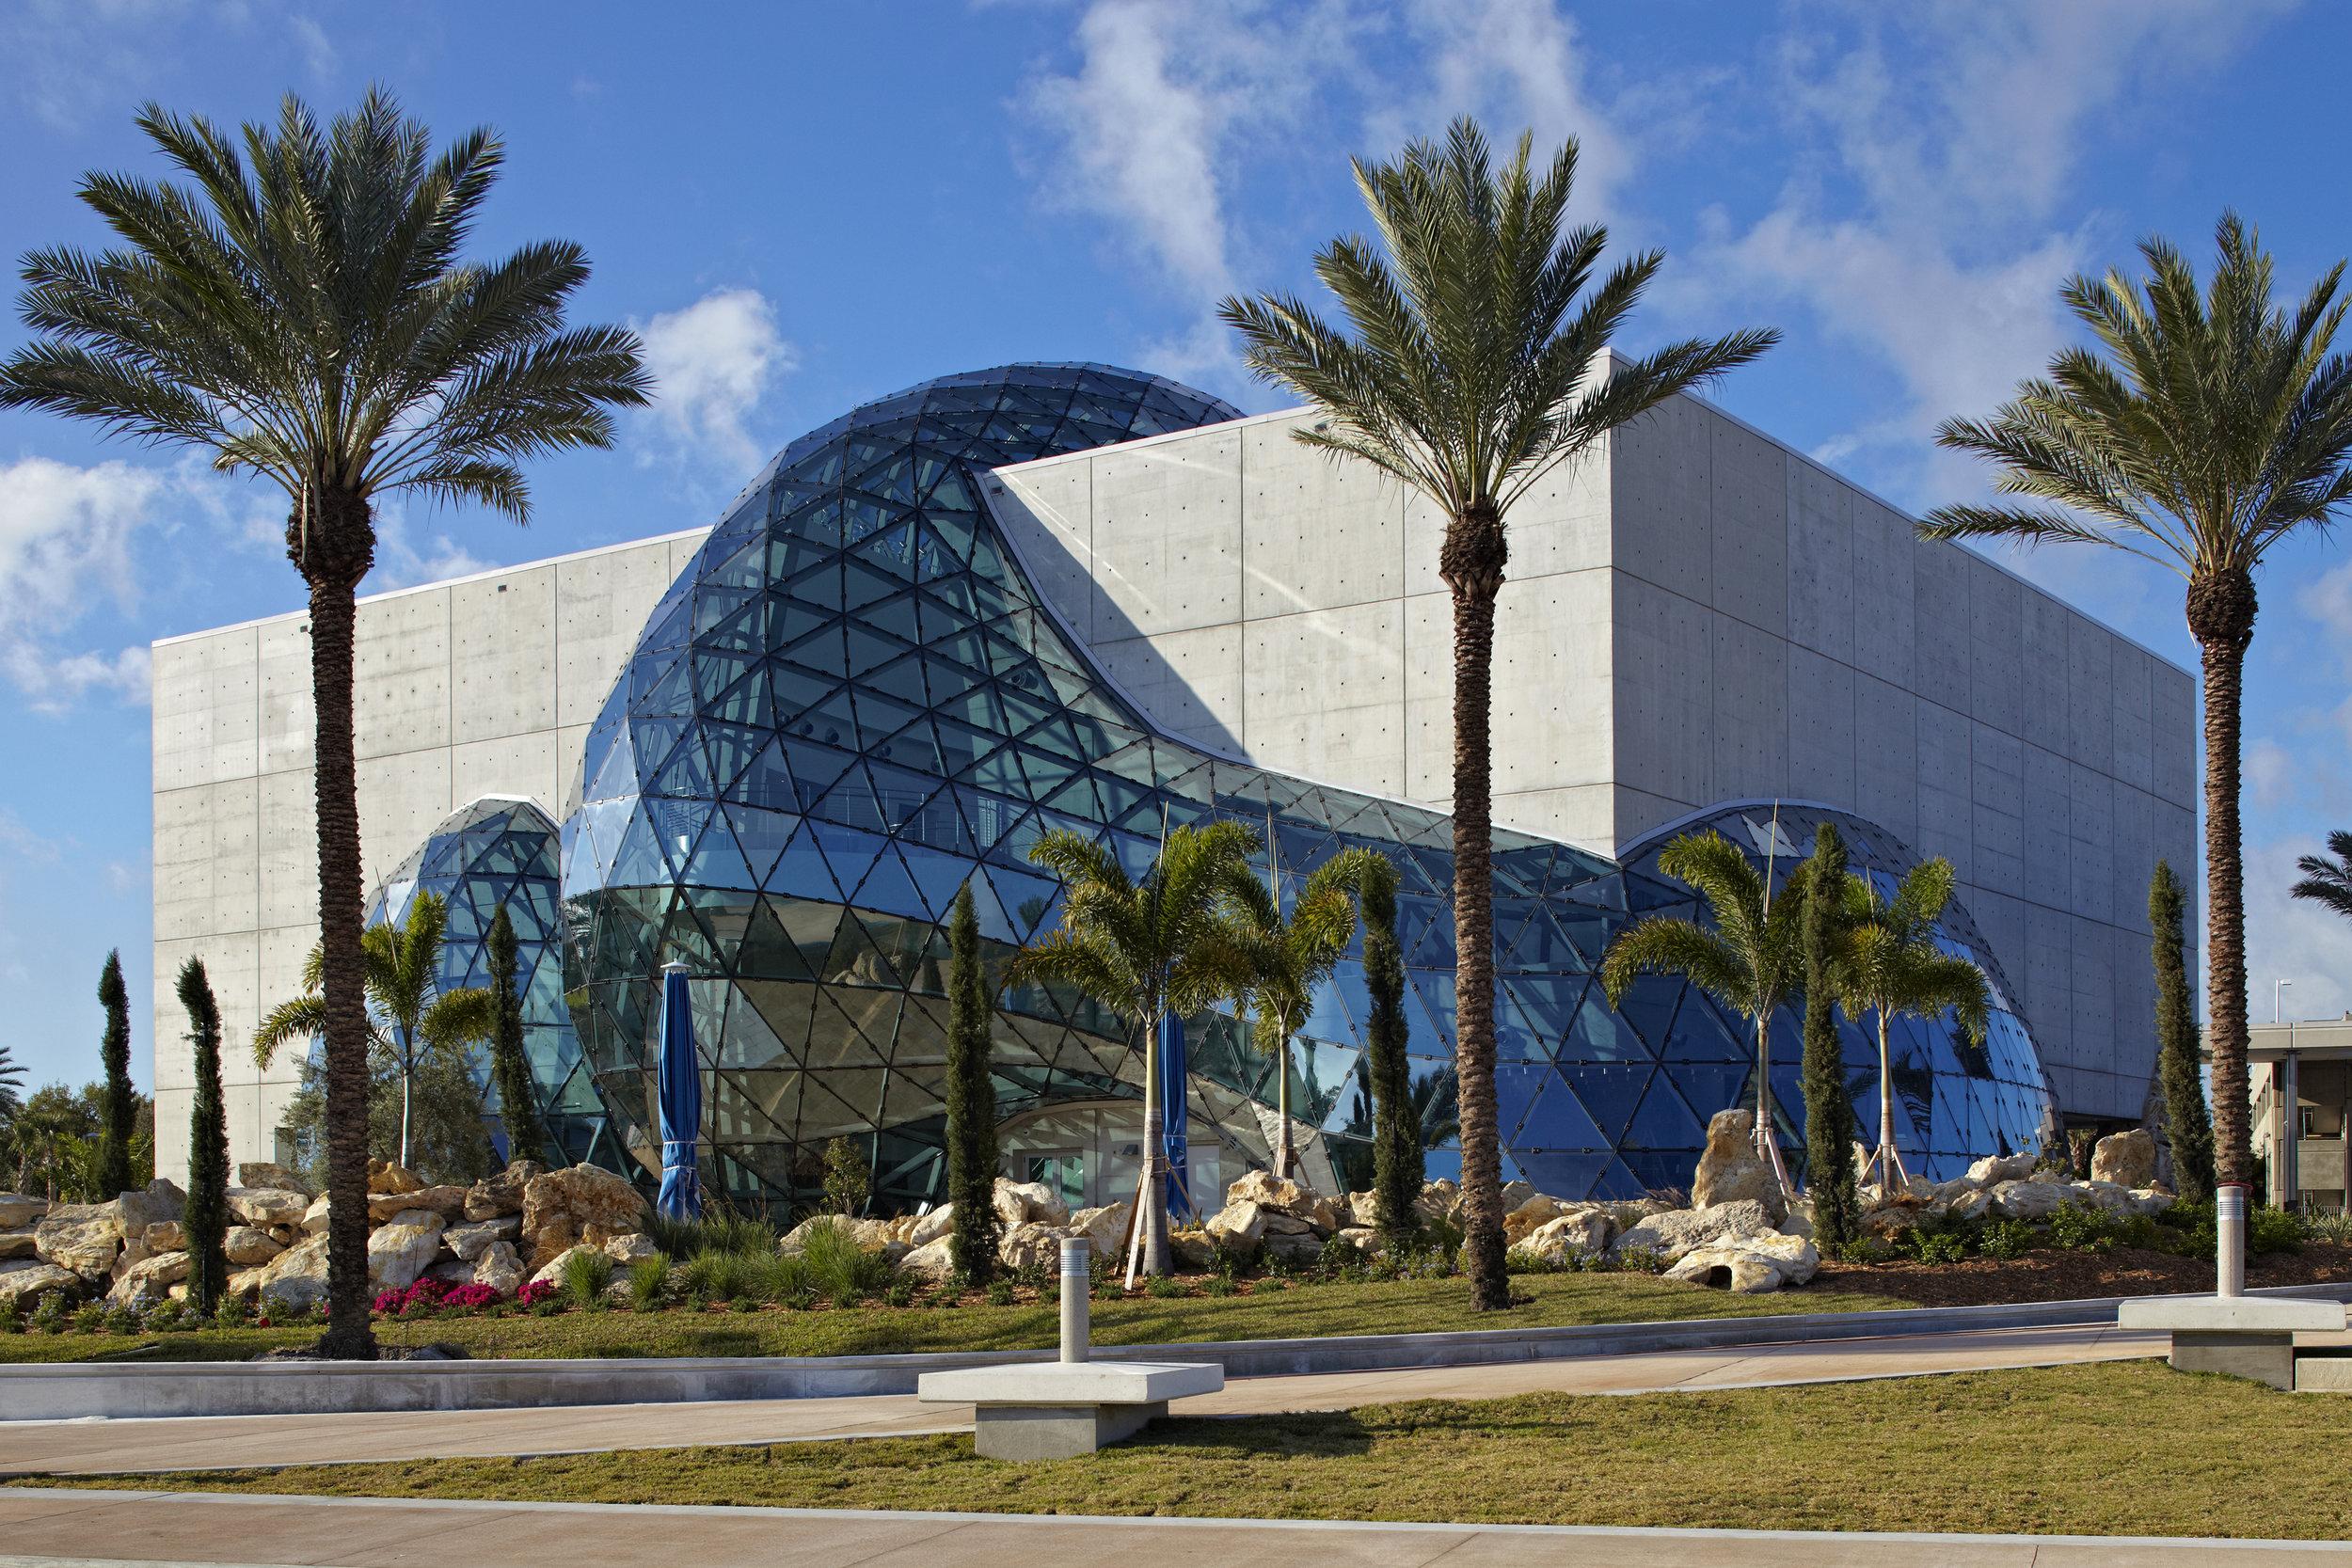 The Dali Museum -